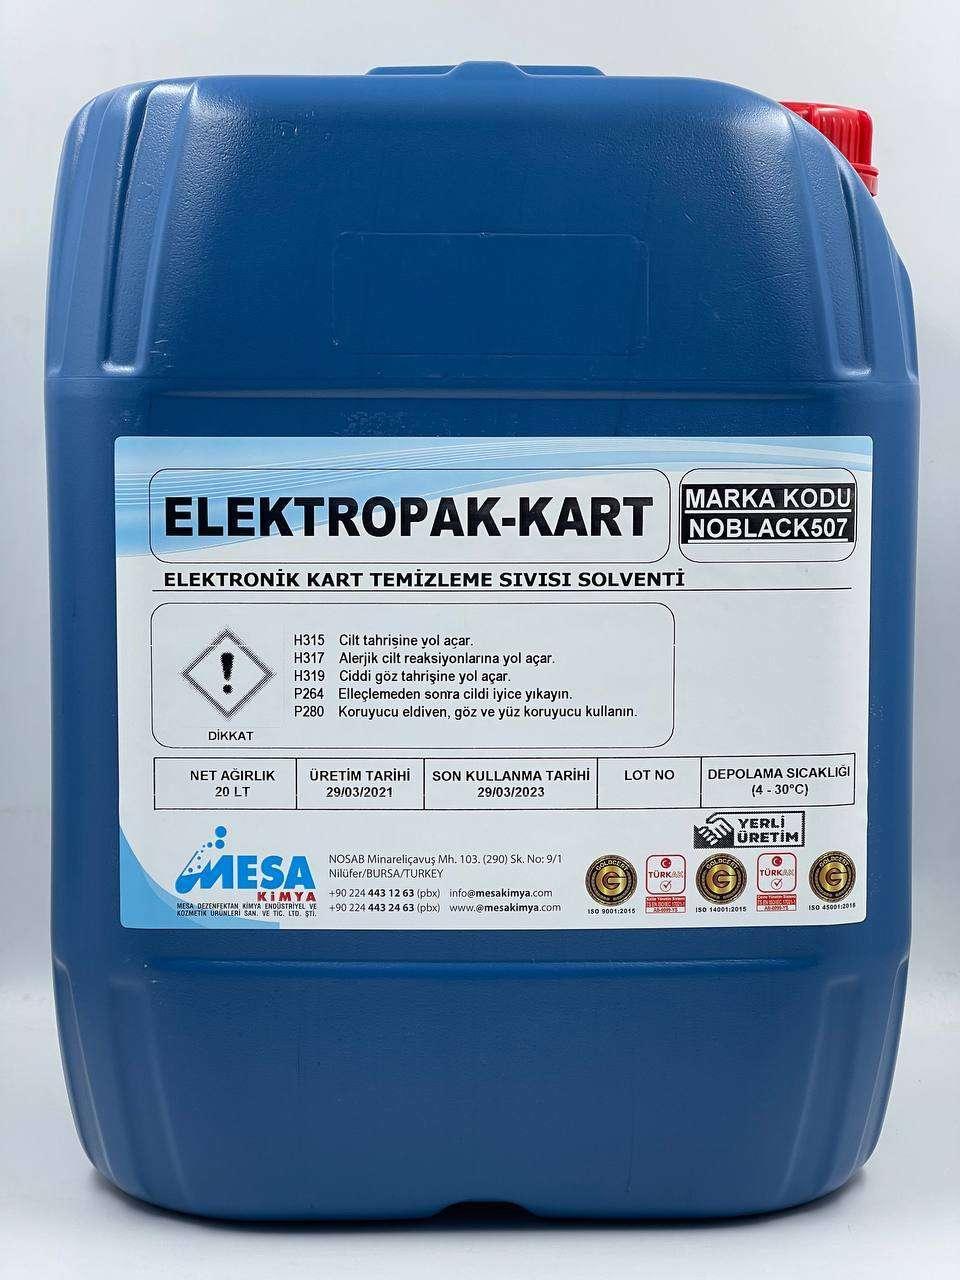 Elektronik kart temizleme sıvısı ElektropaK-Kart